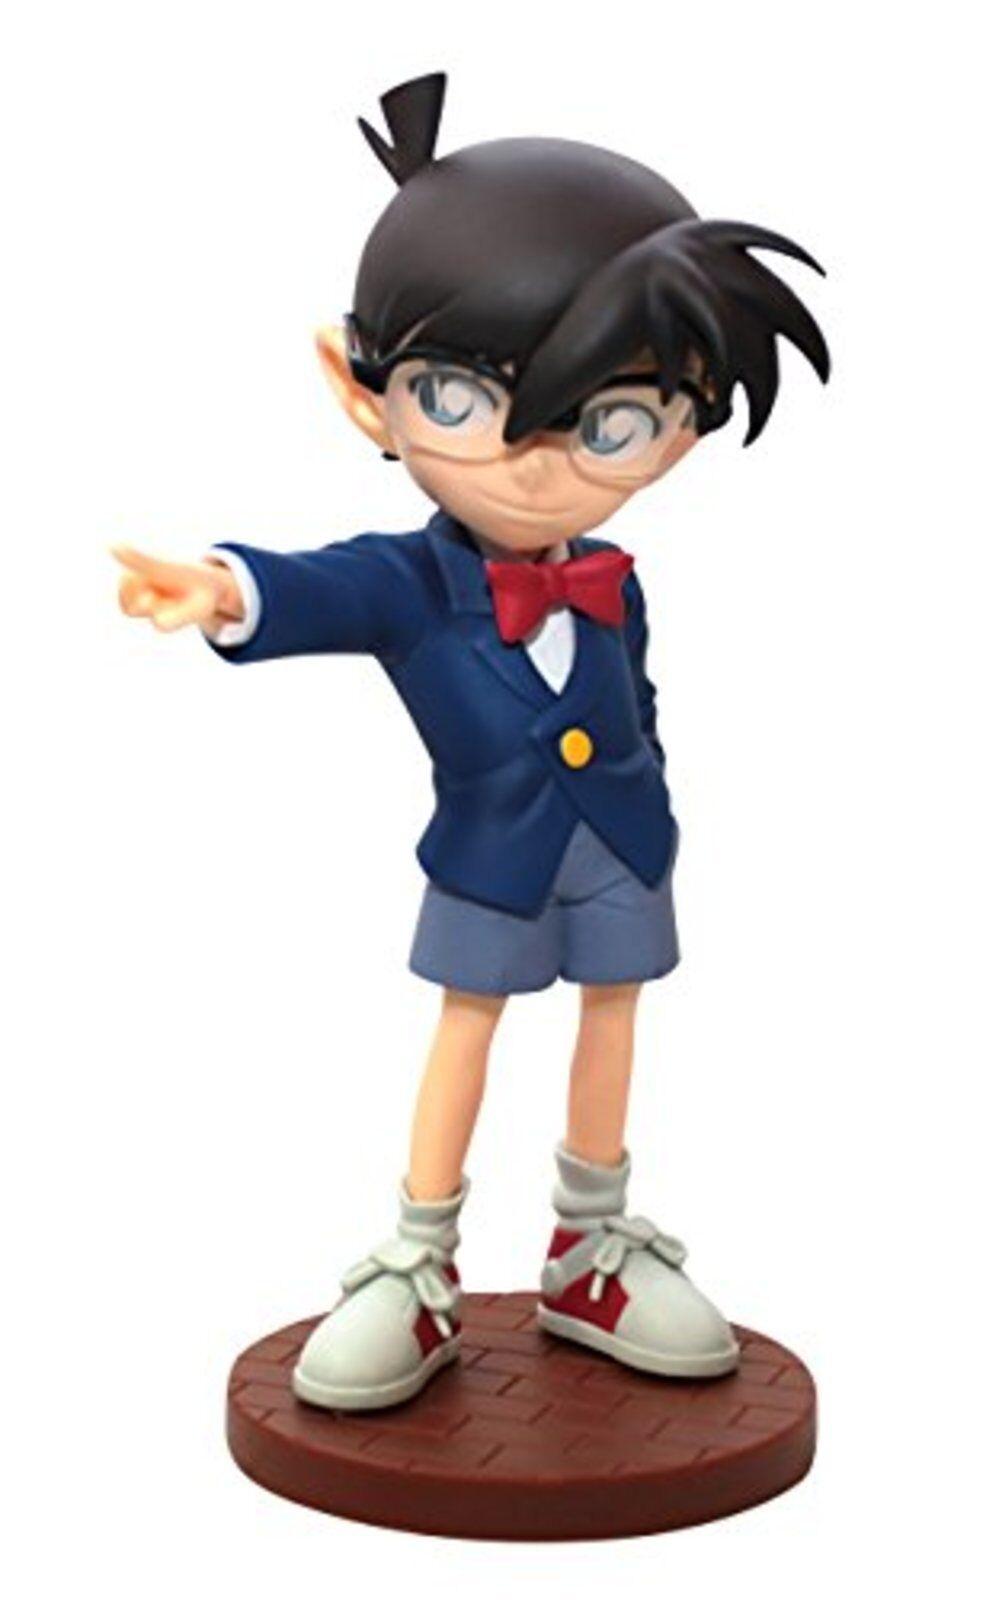 Detective Conan  Pm Figurine - Enfant Edogawa W  Suivi MouveHommests   Nouveau Japon  centre commercial professionnel intégré en ligne